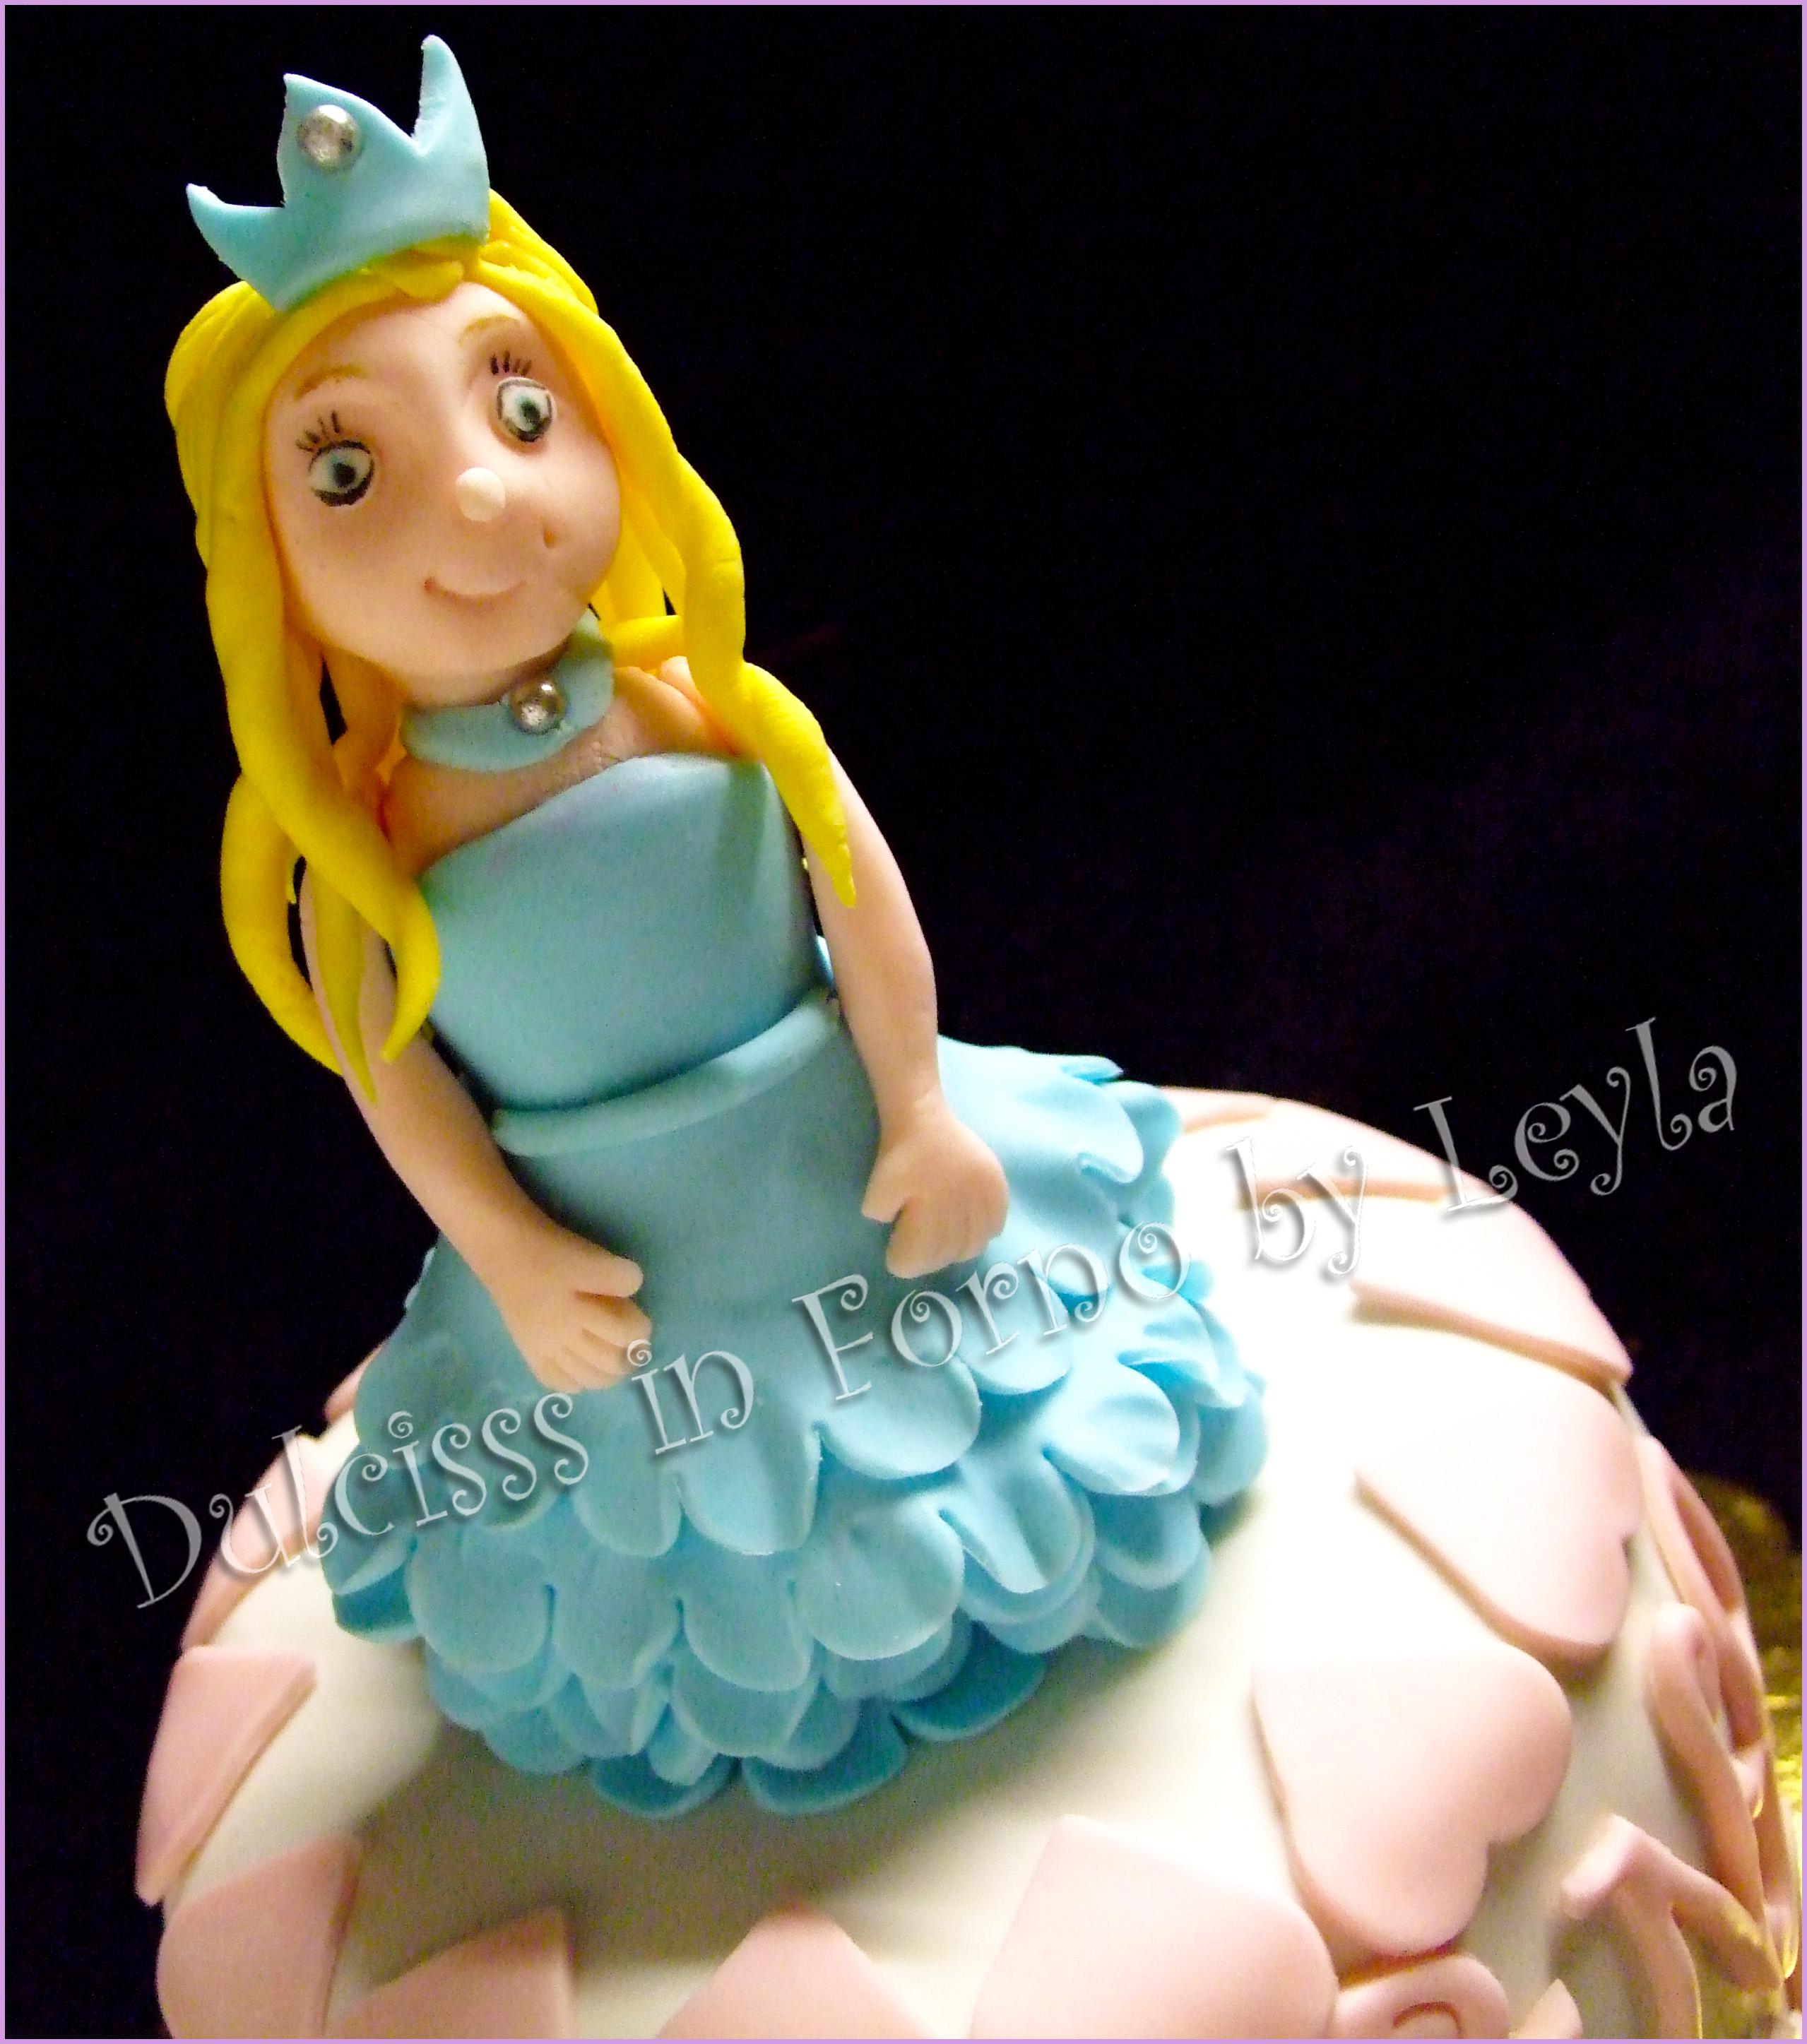 Torta Principessa – Princess Mini Cake, decorata in pasta di zucchero PDZ Principessa 3D Modelling Dulcisss in forno torta di compleanno torta per bambini Dulcisss in forno